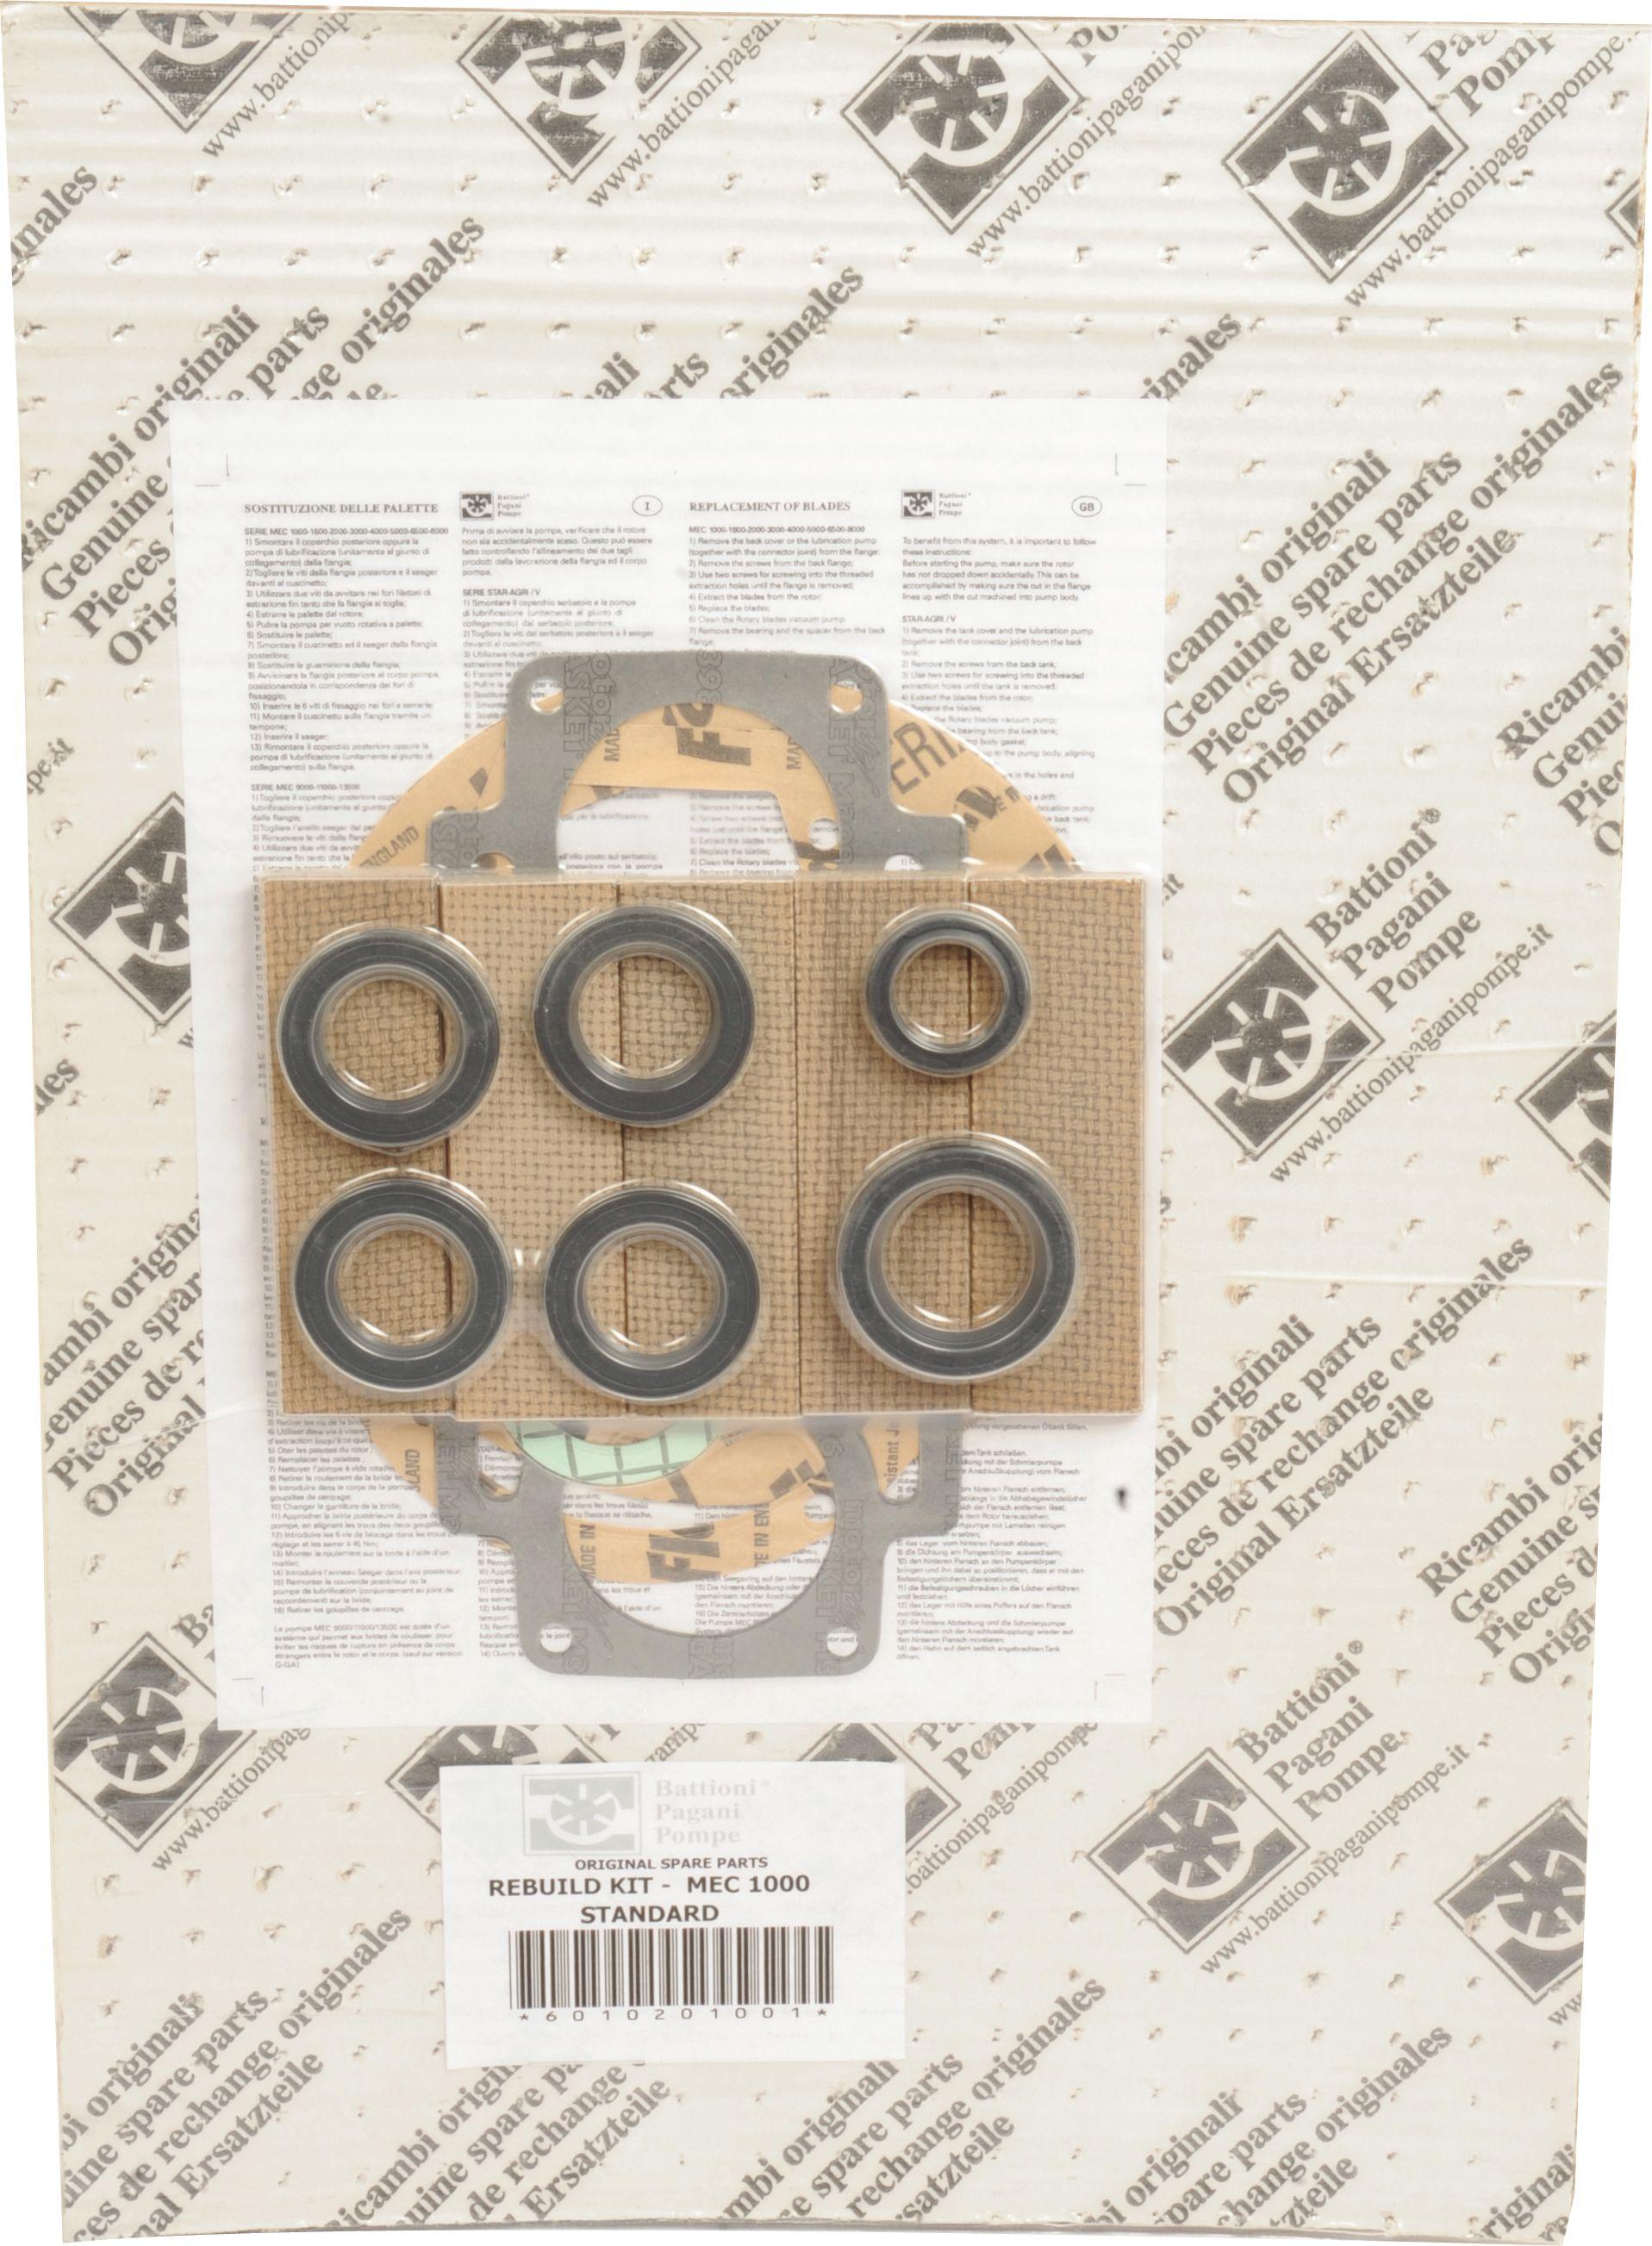 BATTIONI PAGANI POMP REBUILD KIT-MEC 1000 STD 101952